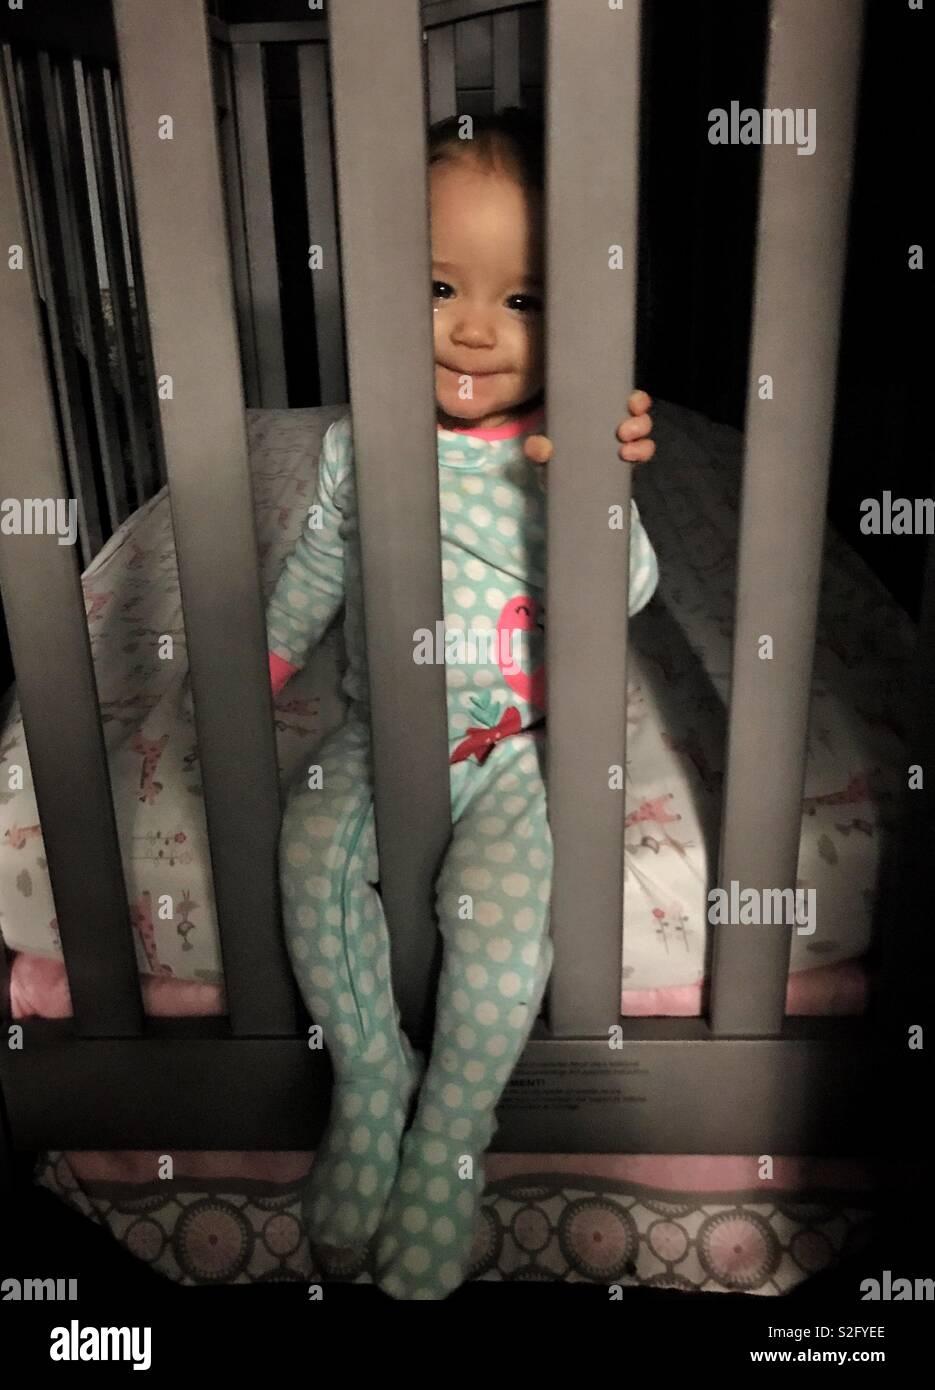 Bébé Ne Veut Pas Dormir : bébé, dormir, Bébé, Dormir, Berceau, Photo, Stock, Alamy